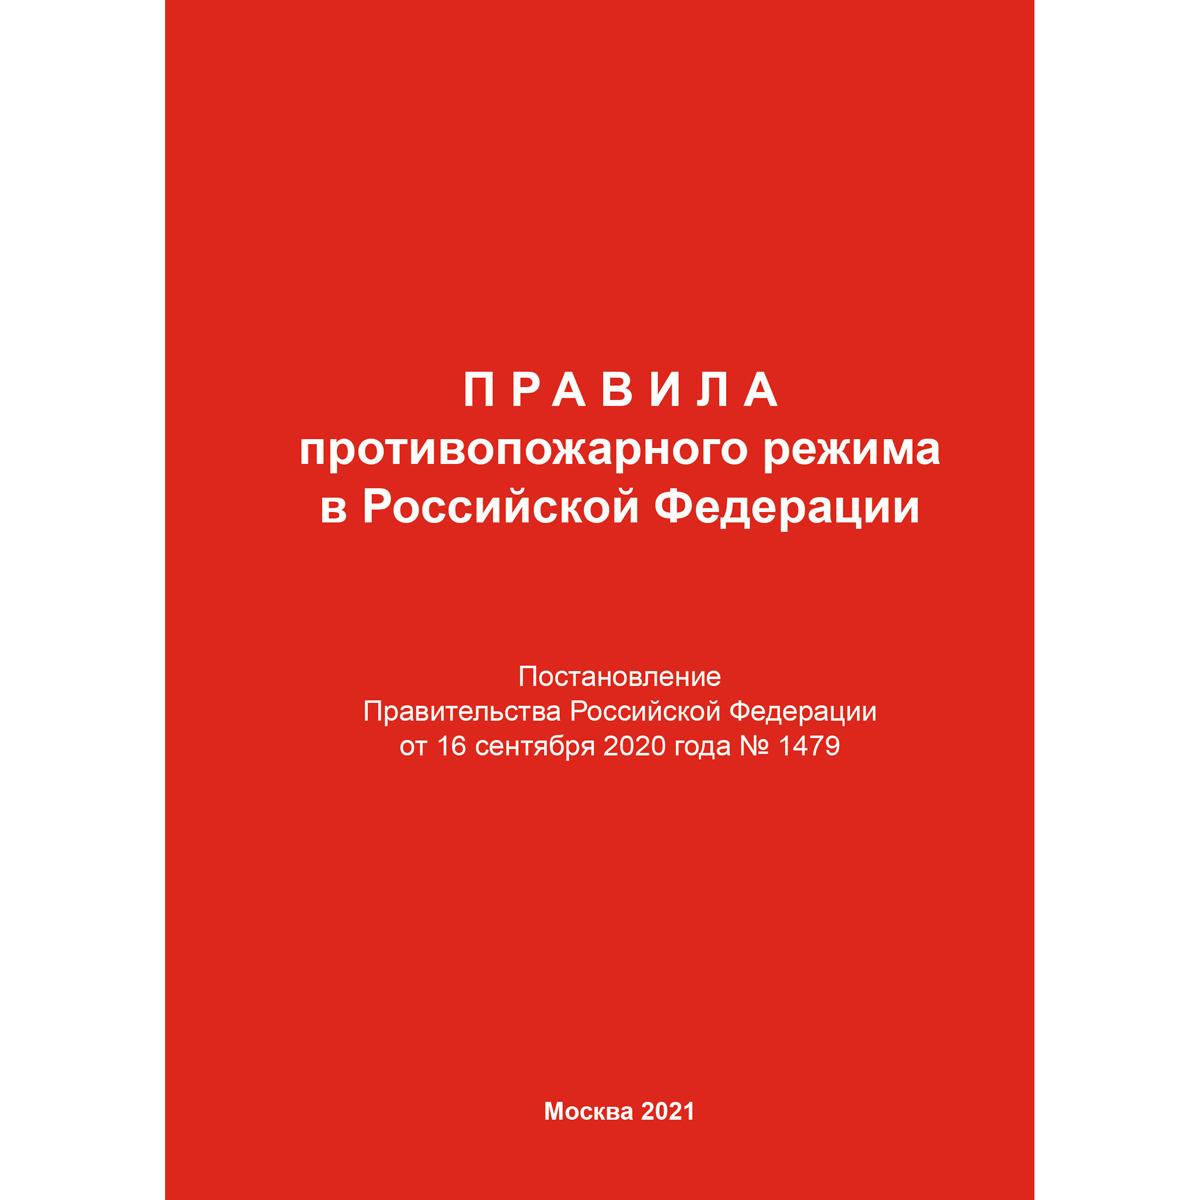 картинка Правила противопожарного режима в Российской Федерации (В редакции Постановления Правительства РФ от 16.09.2020 № 1479) от магазина